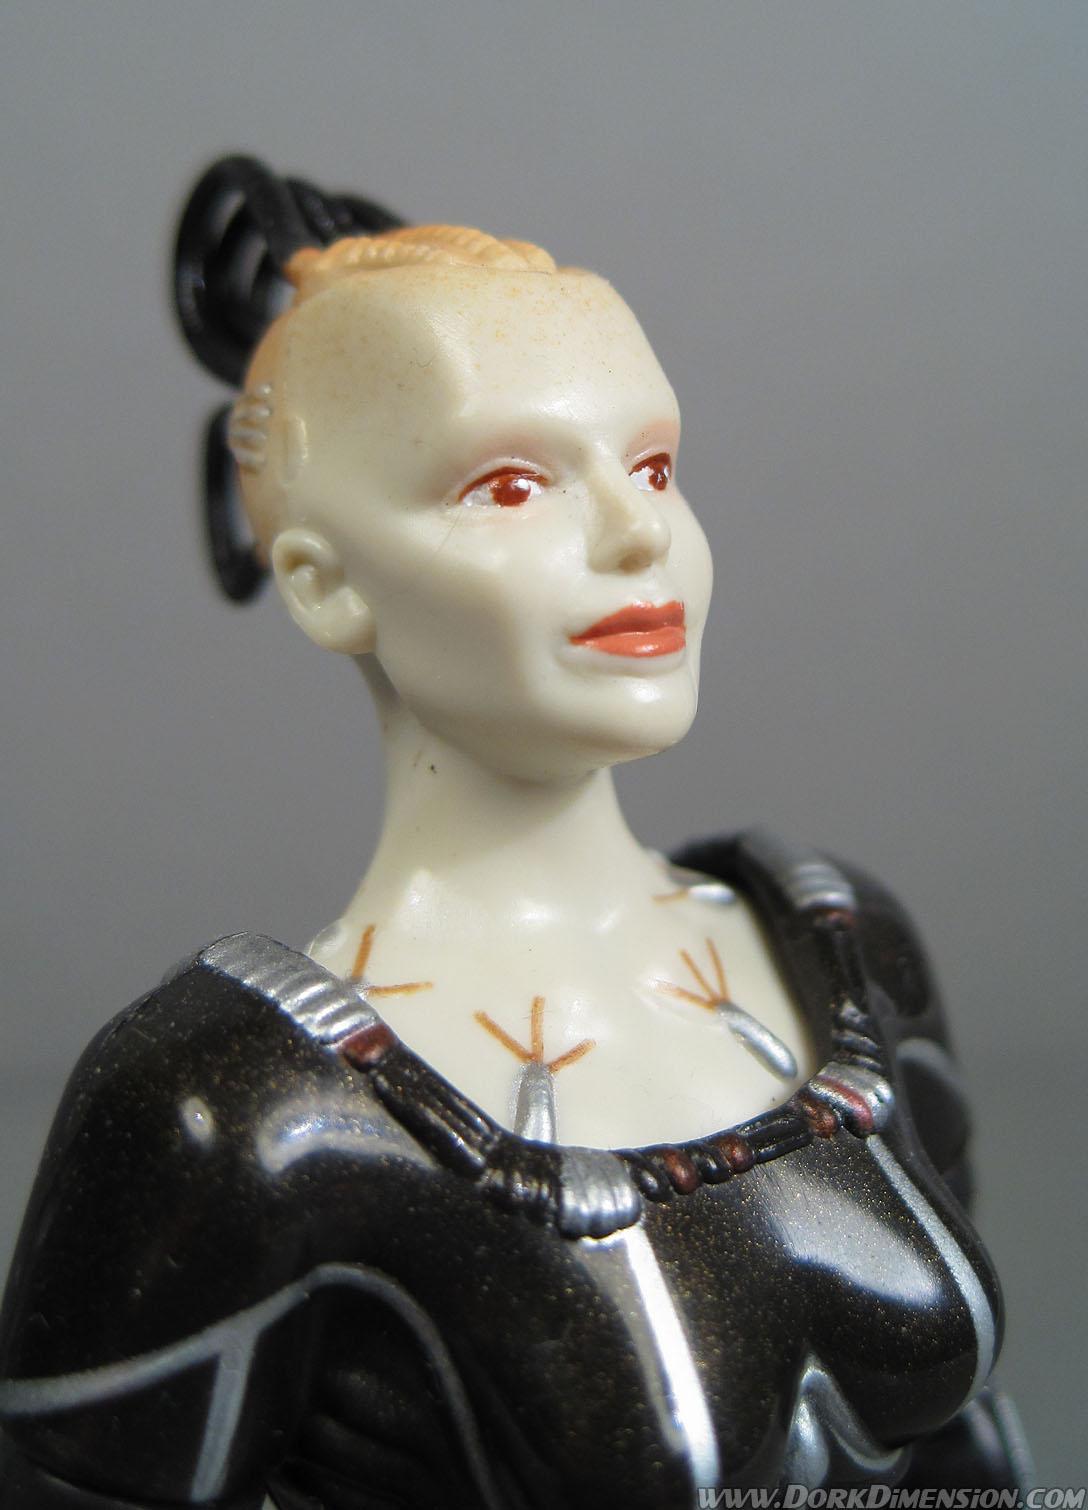 http://1.bp.blogspot.com/_c_MaBzzRV2A/THWyB642Q6I/AAAAAAAAICA/l8HdFivfzvE/s1600/queen3.jpg